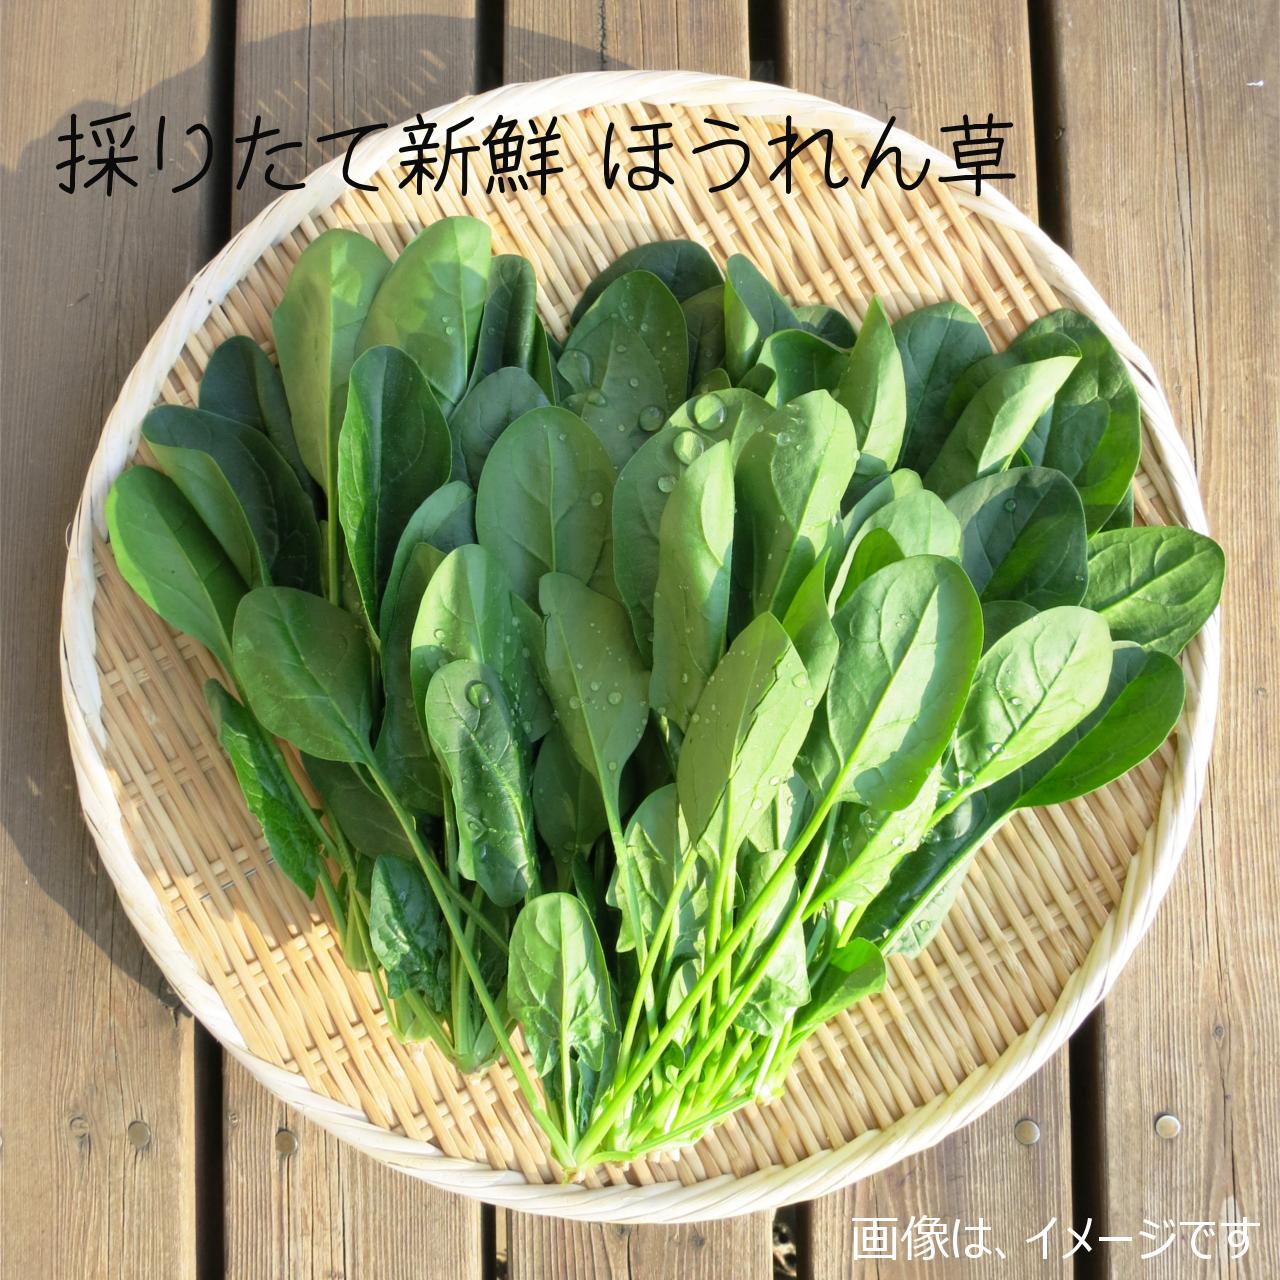 11月の朝採り直売野菜 : ホウレンソウ 約400g 新鮮な冬野菜 11月23日発送予定